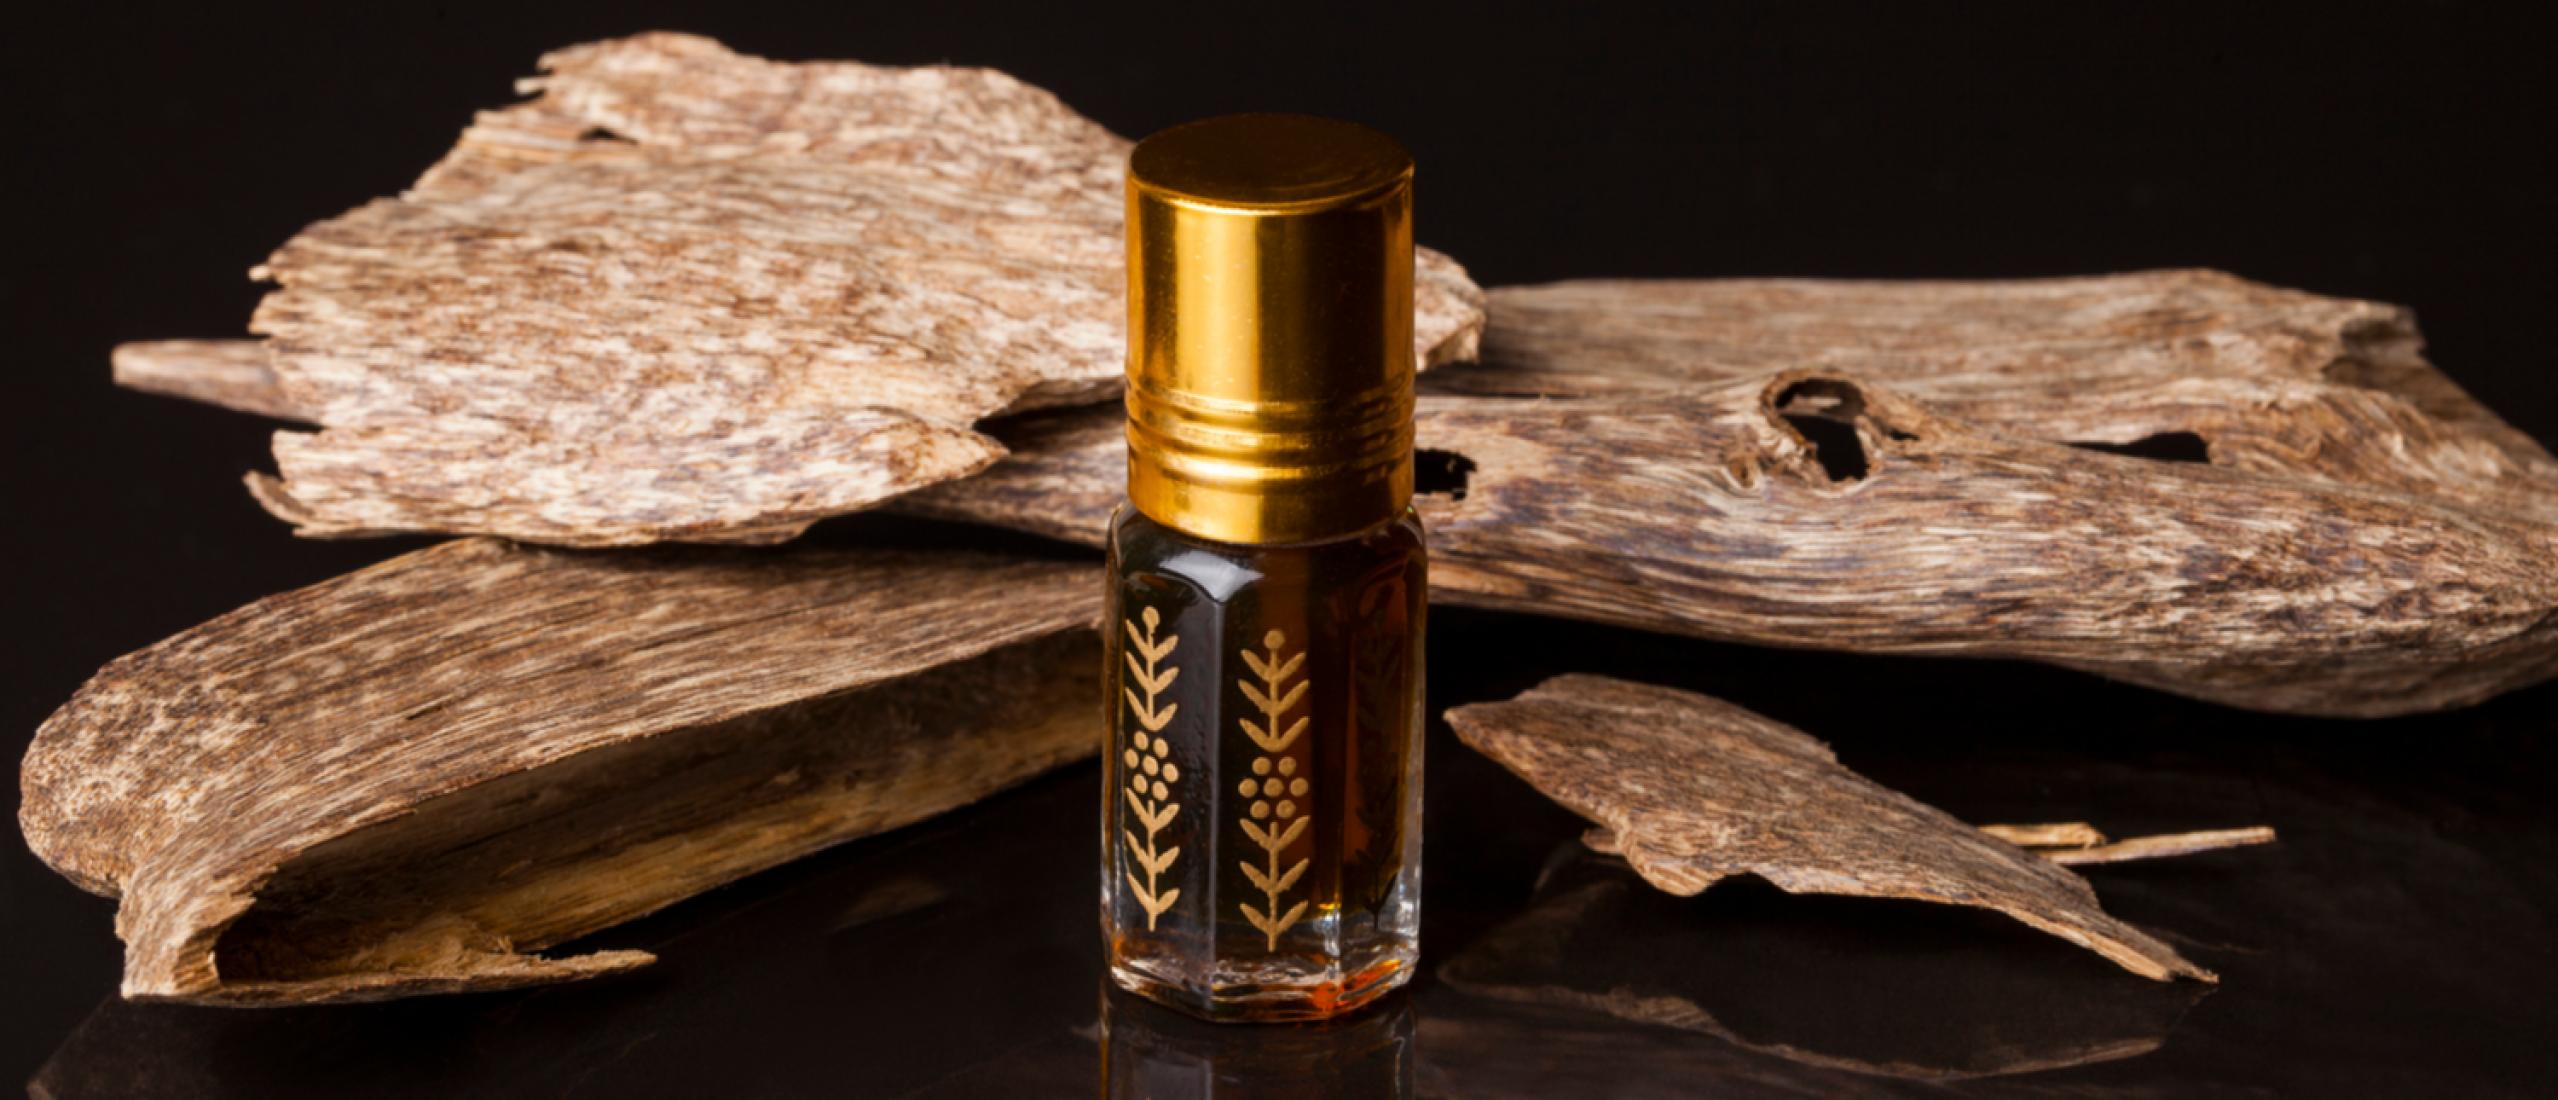 Feiten en fabels over etherische oliën!